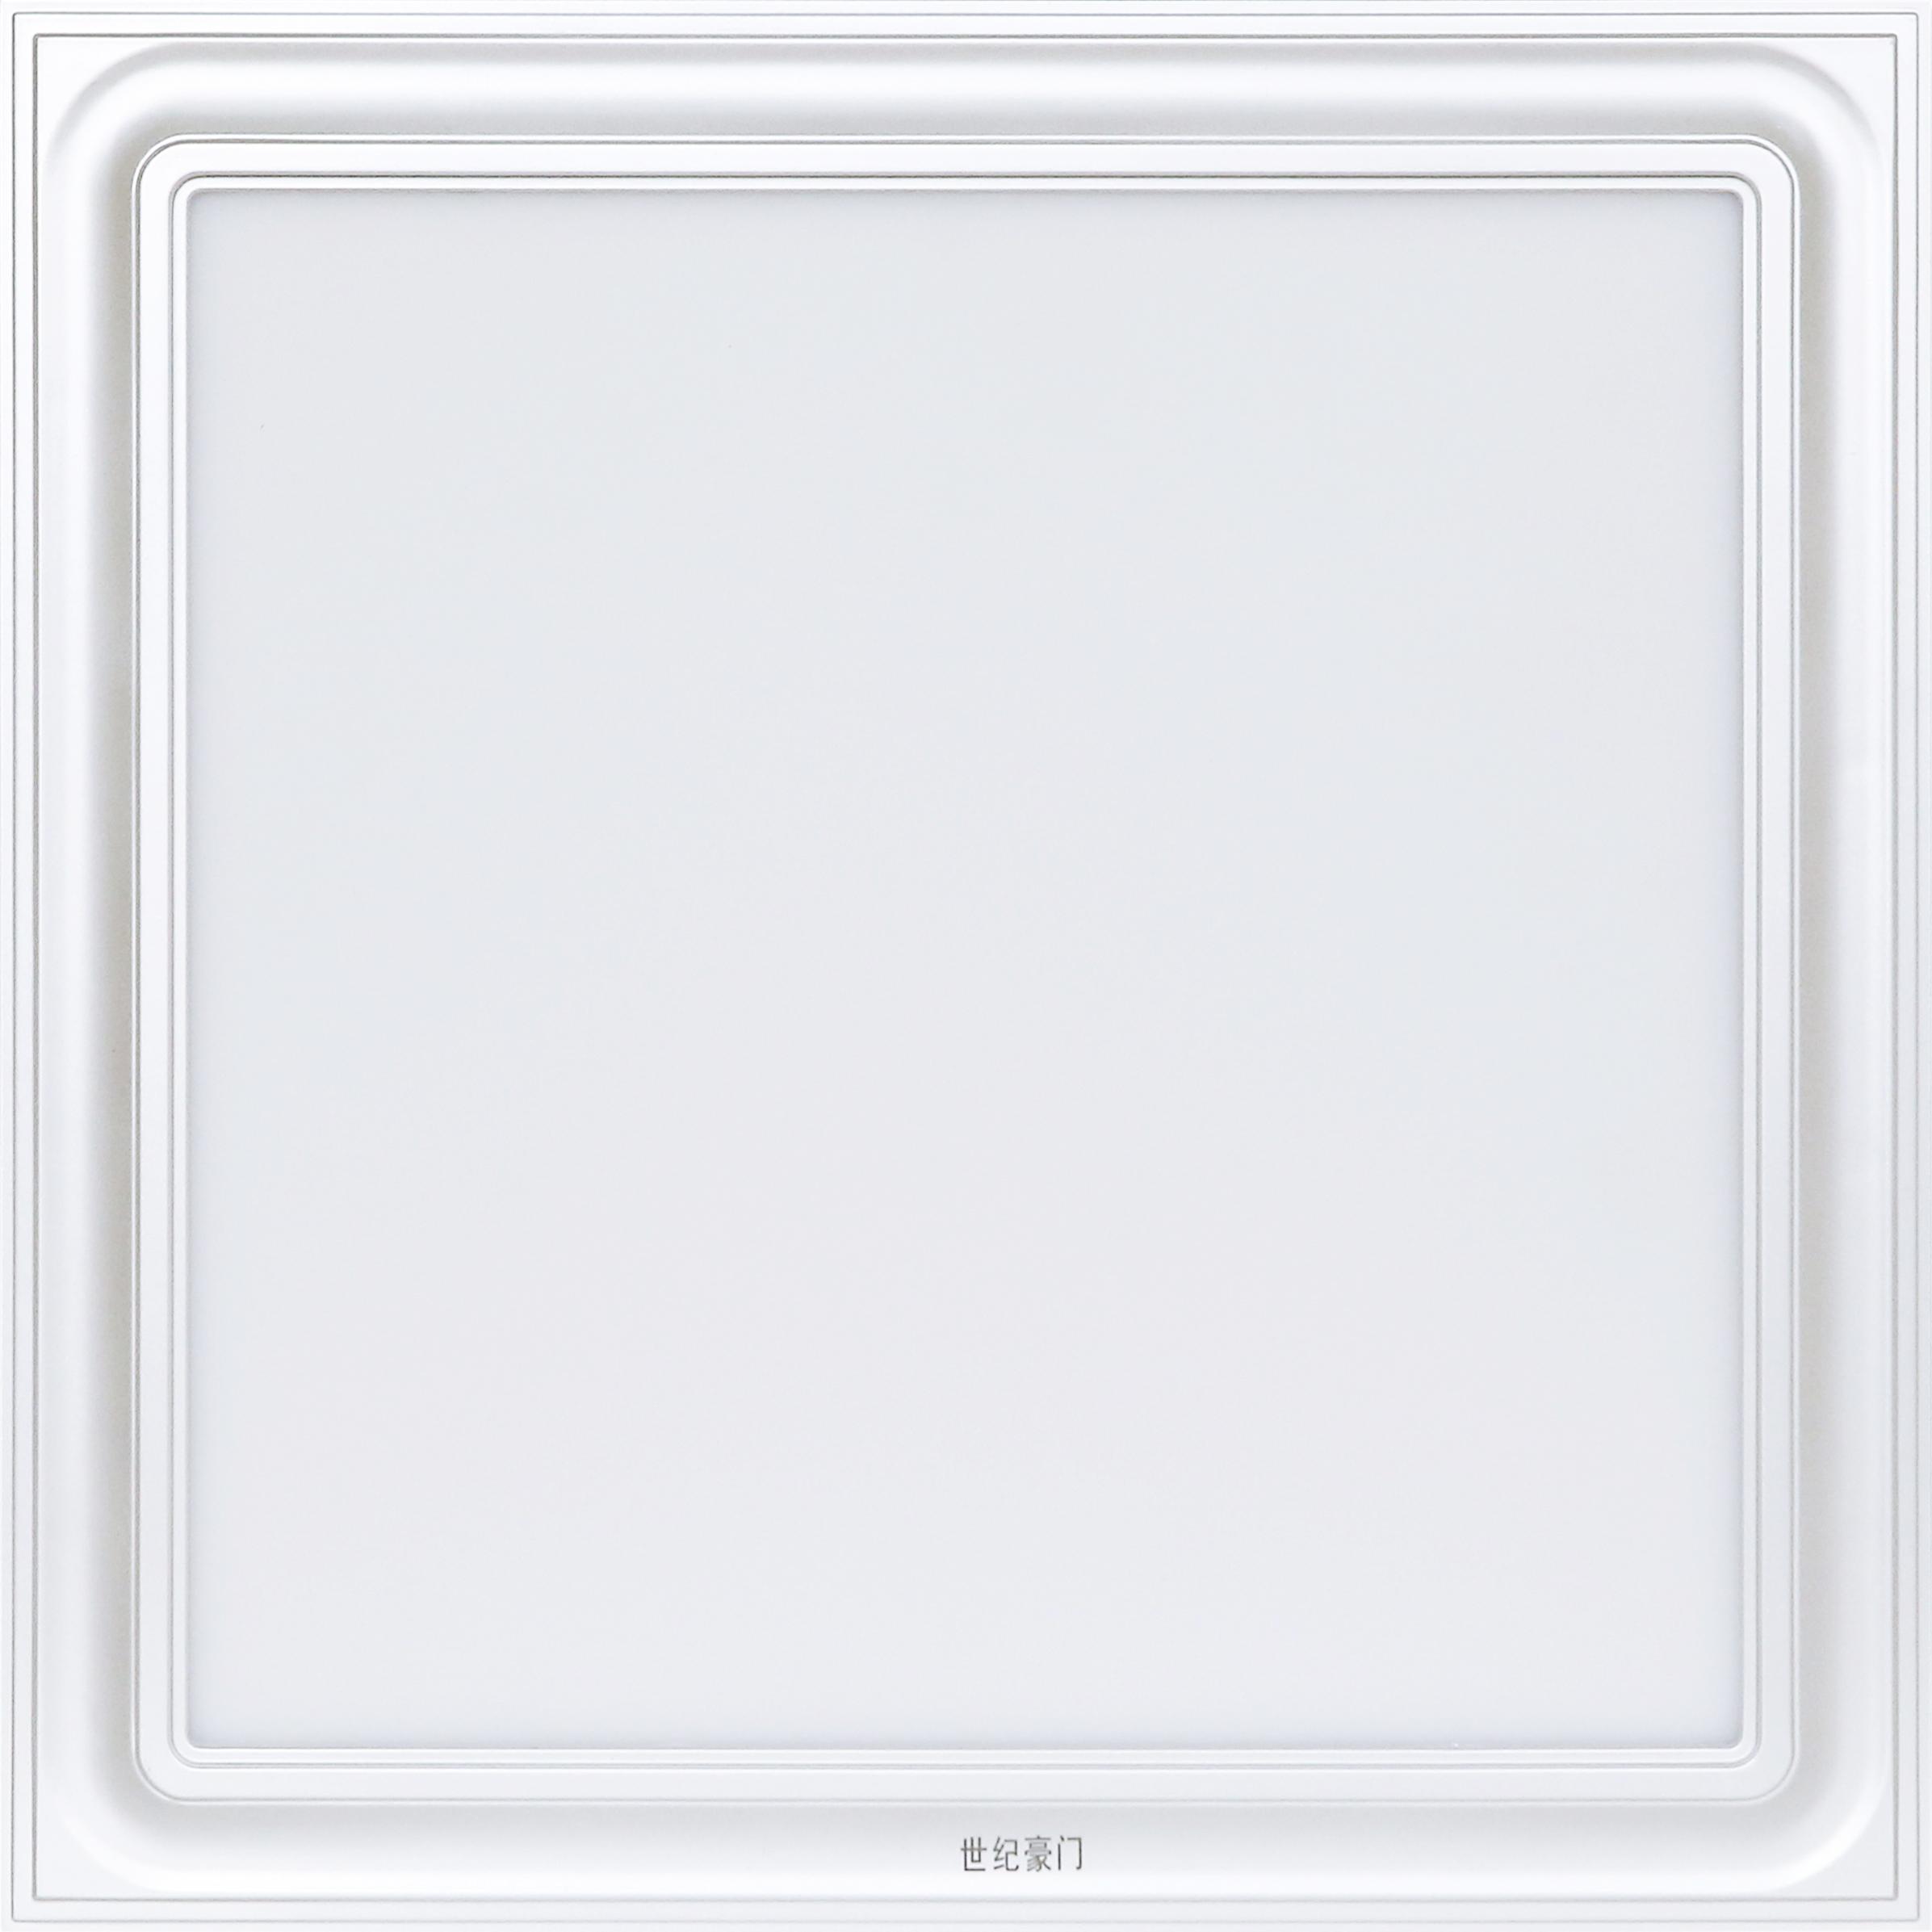 产品型号:HM-325DL-3; 规格:325cm*650cm; 价格:368元/台;单色